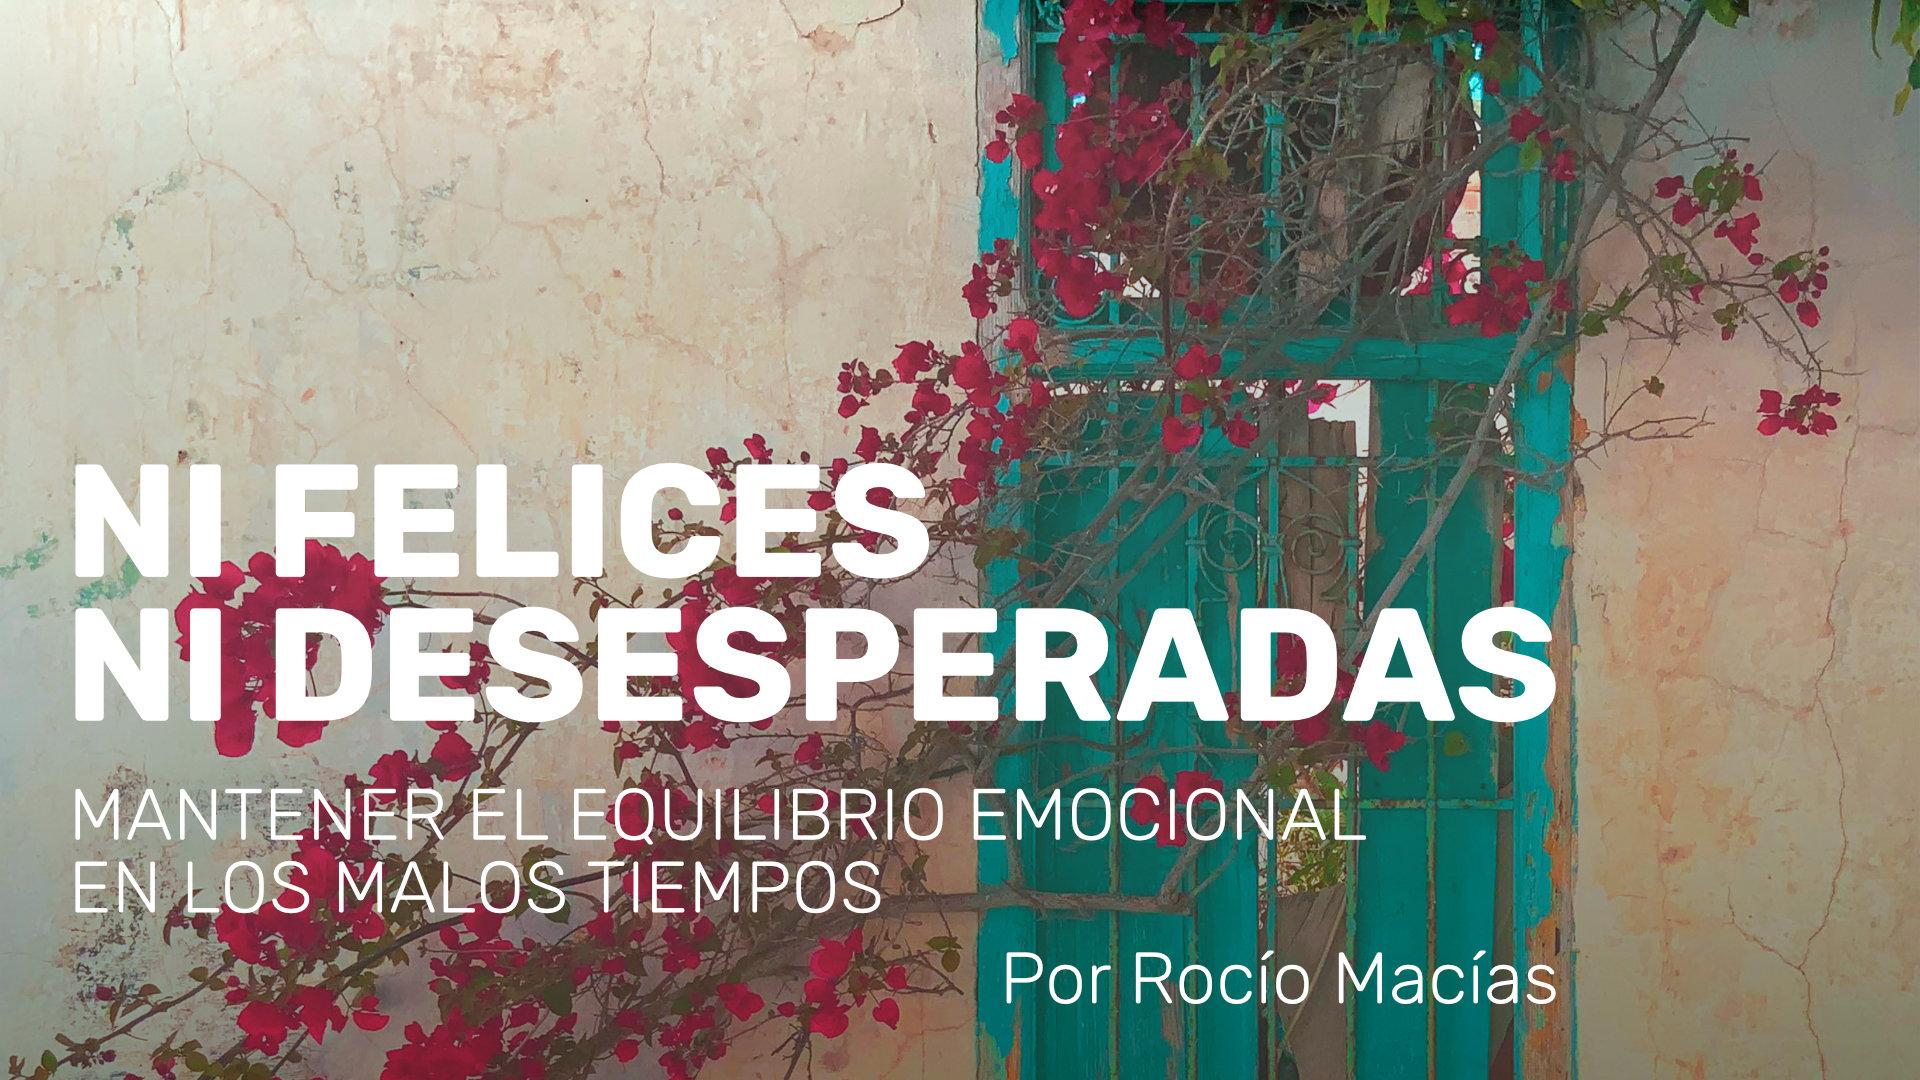 MANTENER EL EQUILIBRIO EMOCIONAL EN LOS MALOS TIEMPOS